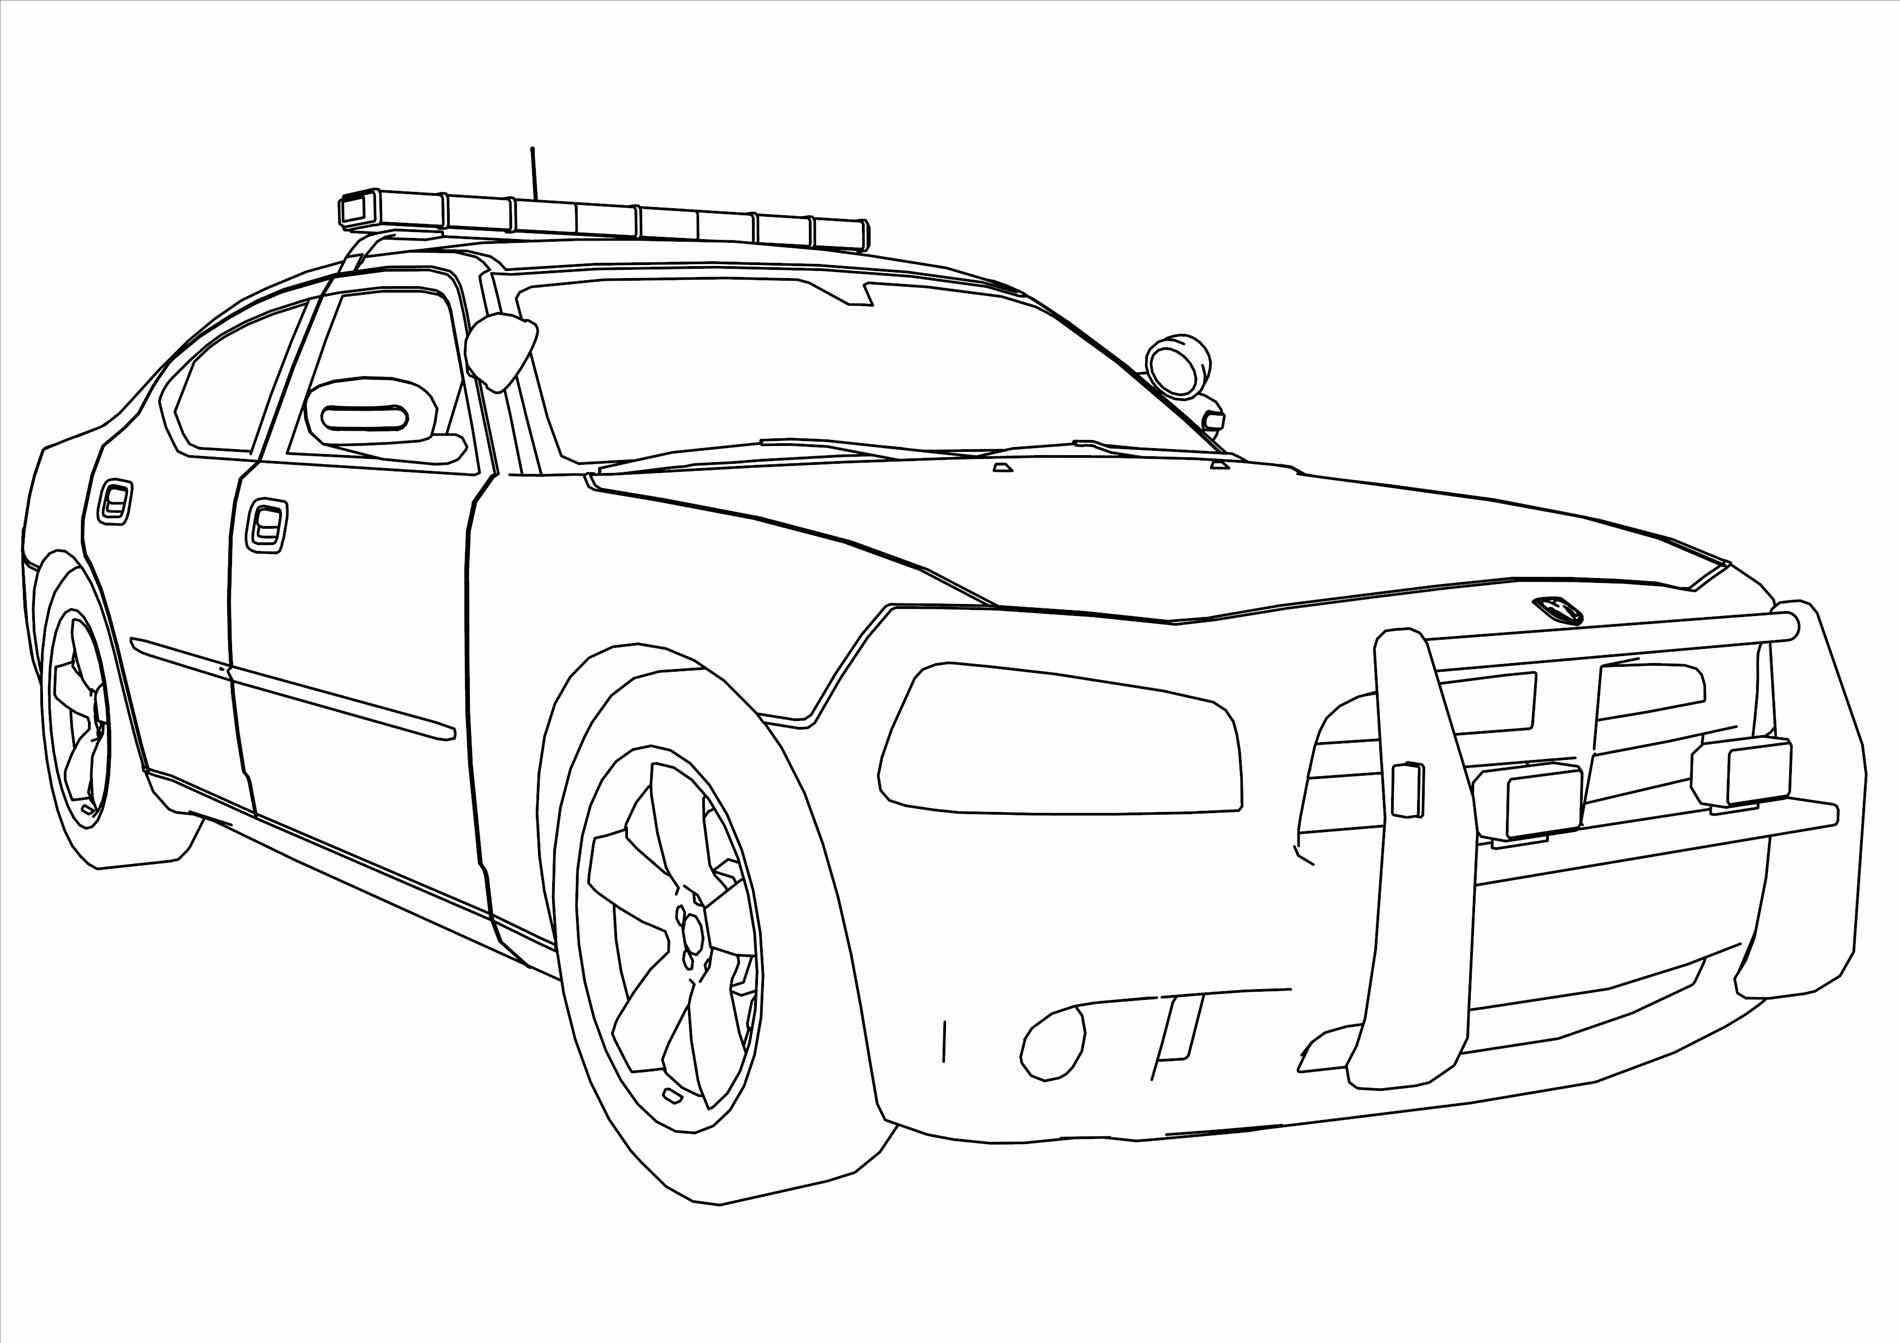 Tranh tô màu xe cảnh sát cực đẹp